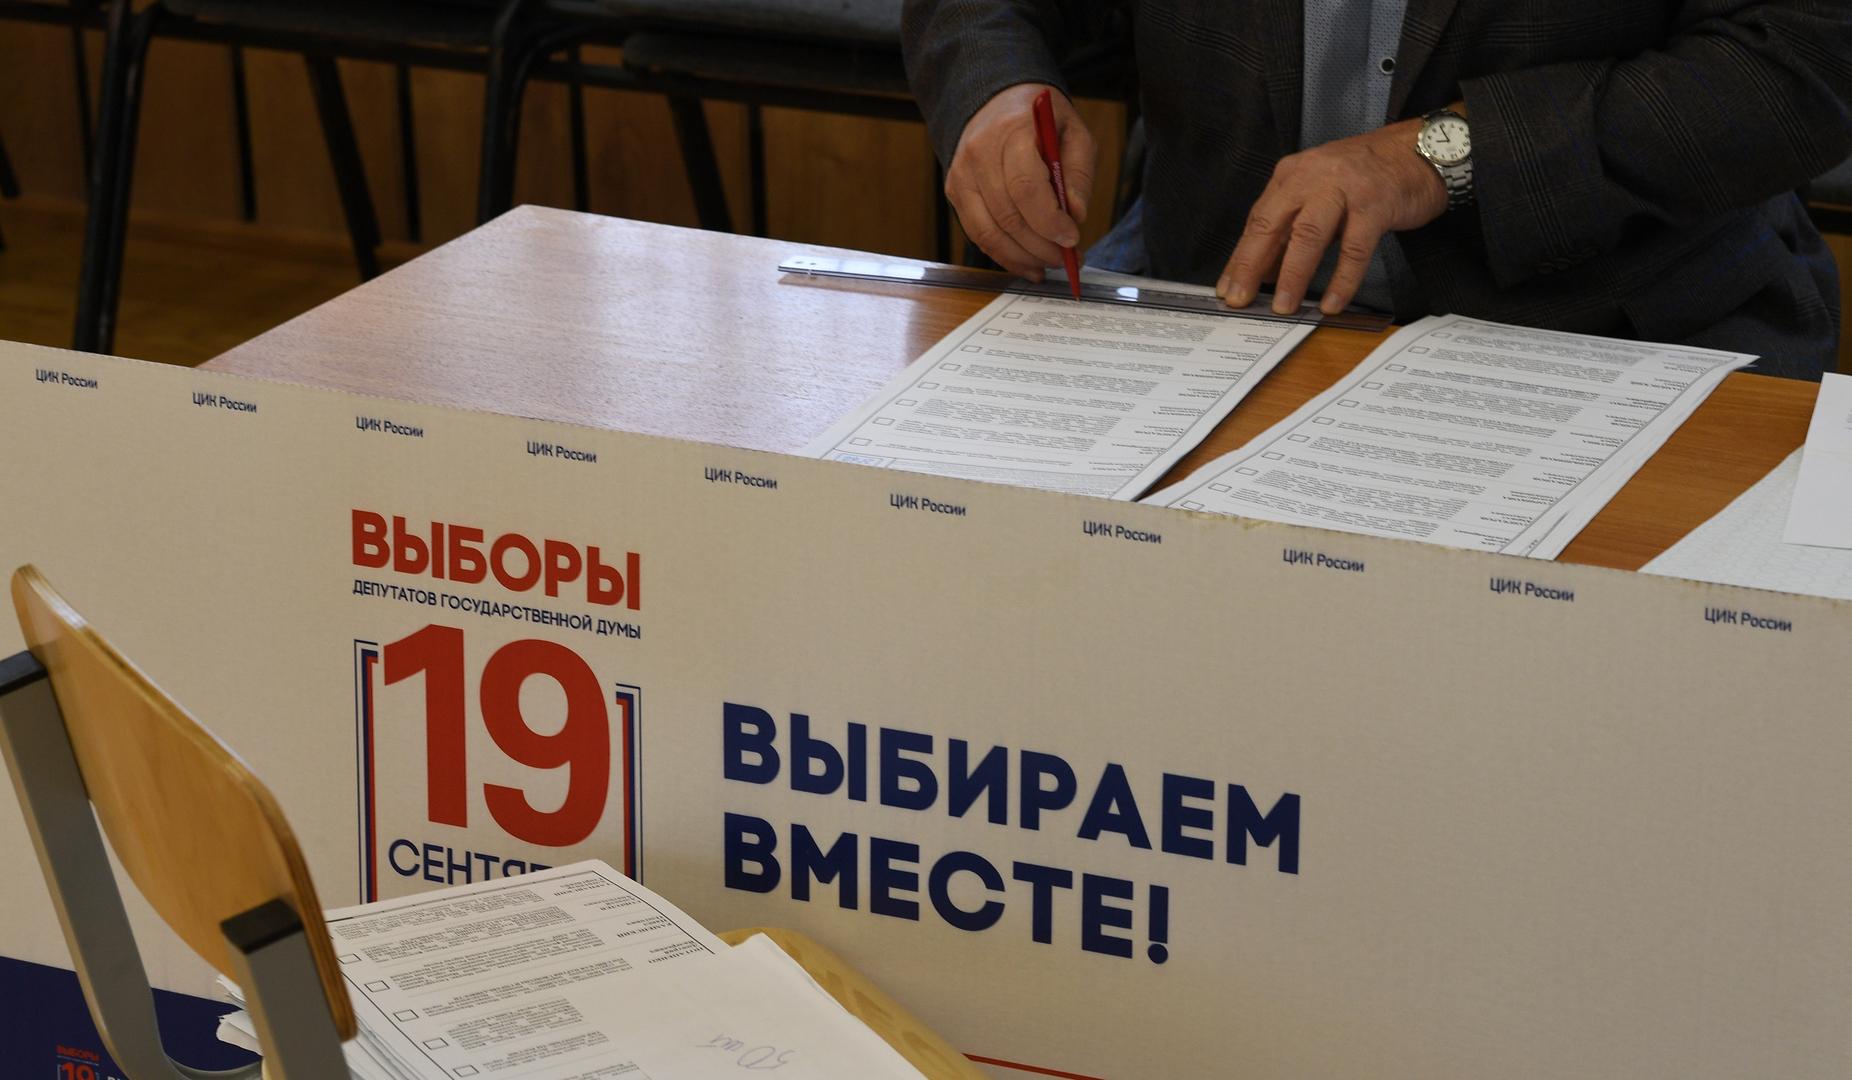 انطلاق التصويت في انتخابات مجلس الدوما الروسي